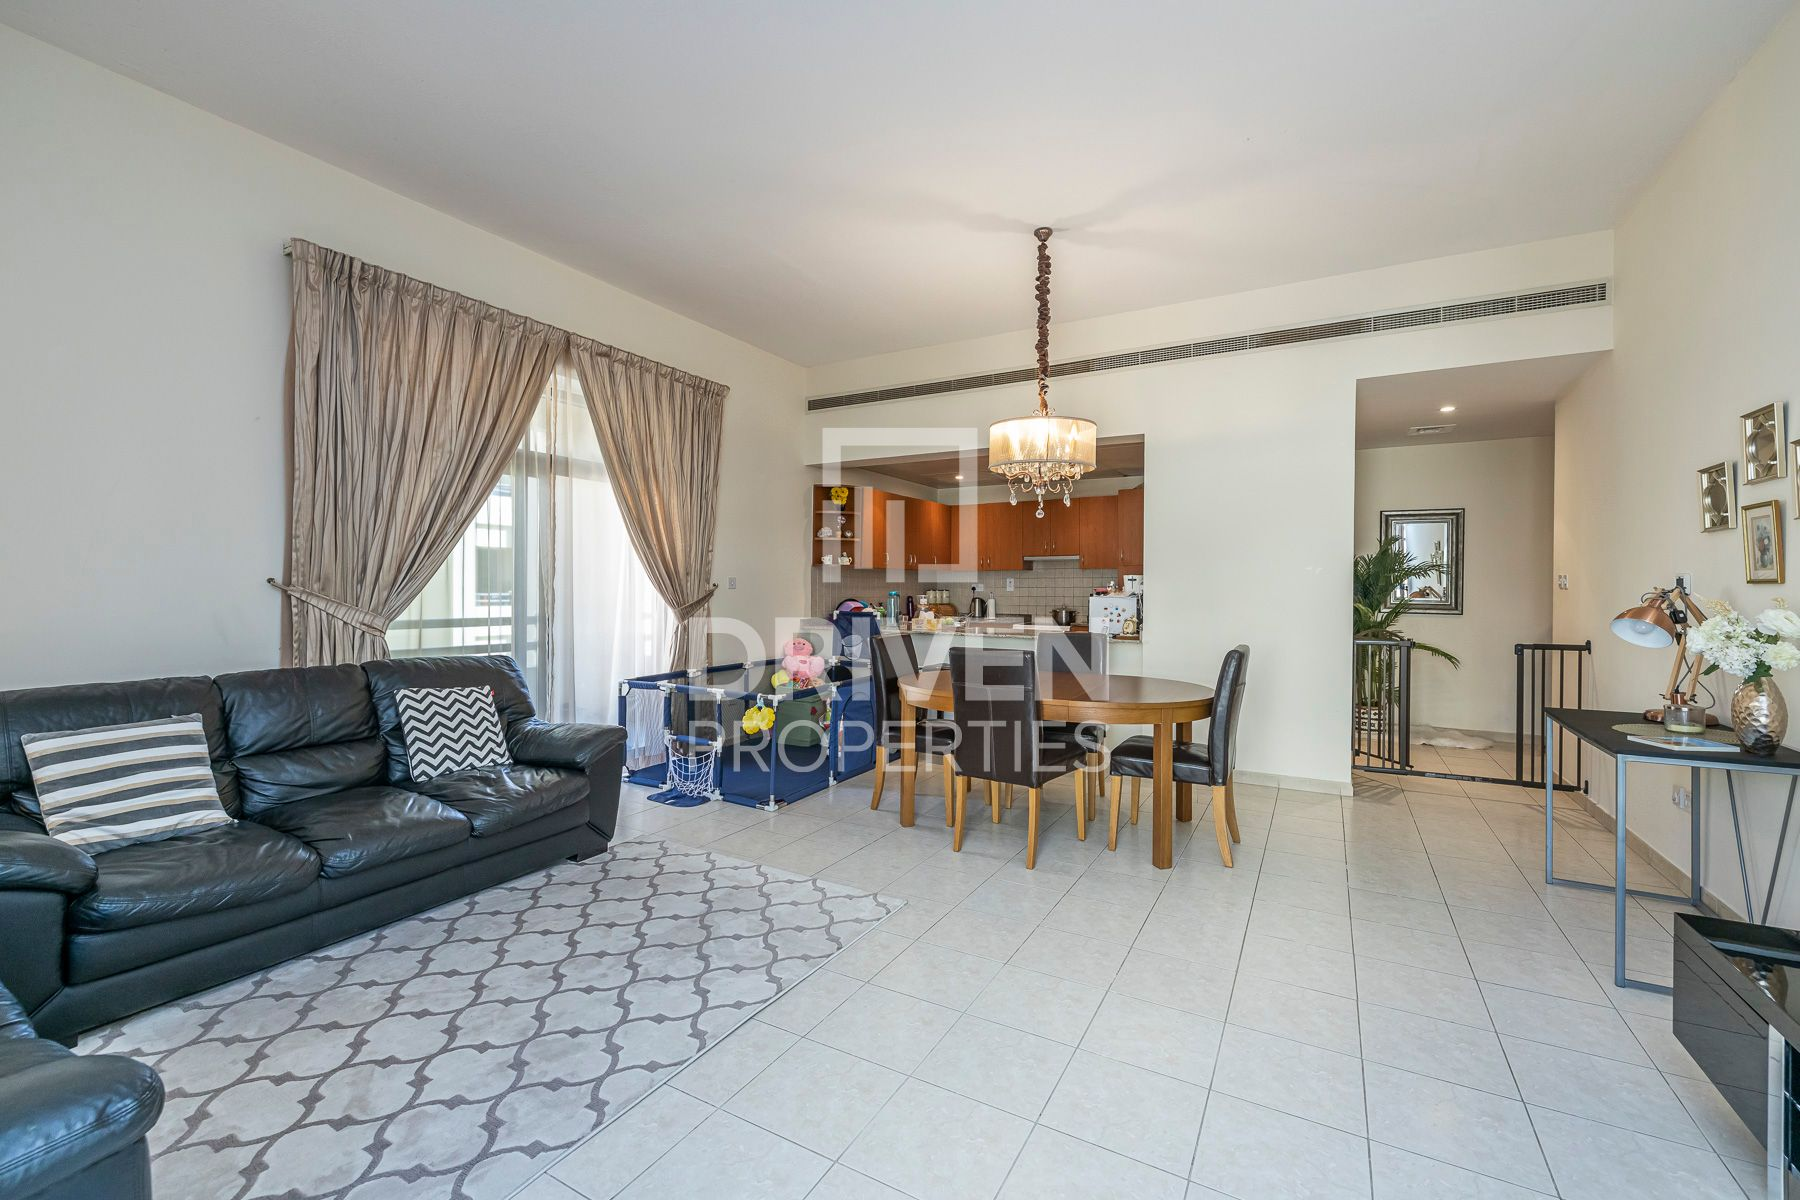 1,409 قدم مربع  شقة - للبيع - جرينز